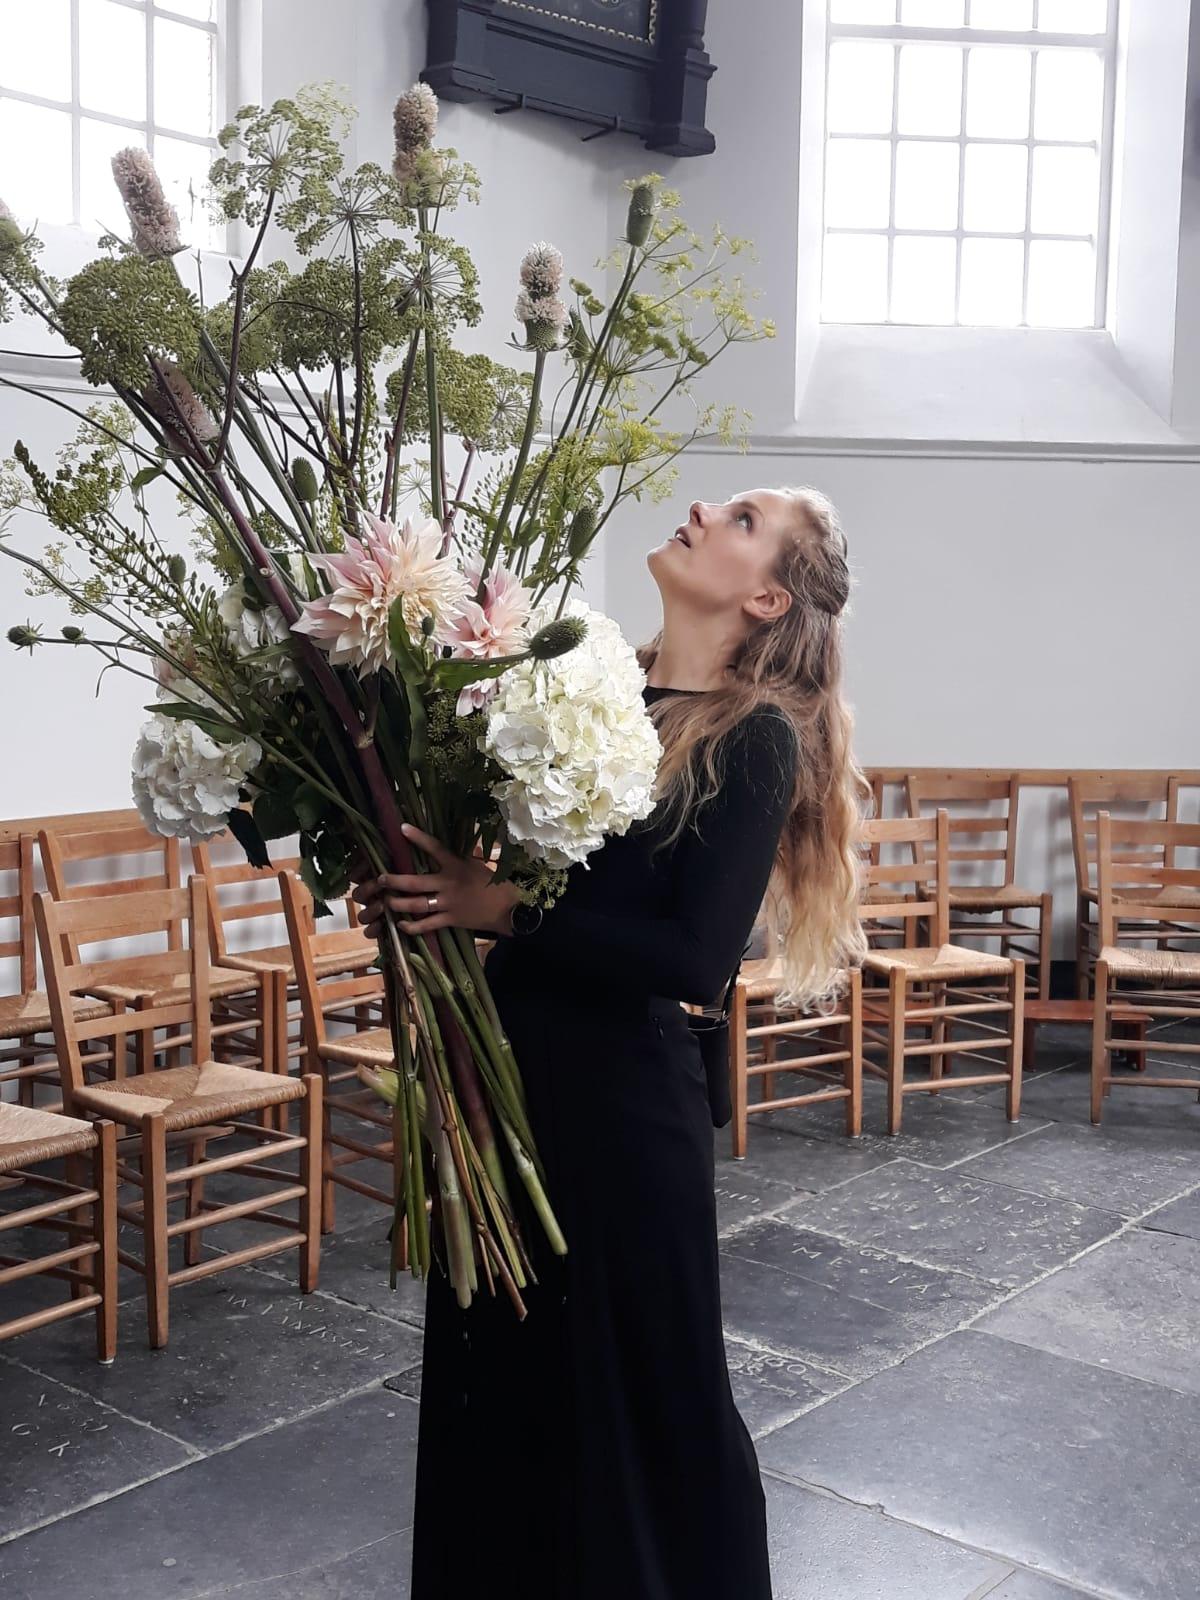 """""""Funeral Flowers: A beautiful waste?"""" - Het klinkt een beetje vreemd, maar ik houd niet zo van bloemen. Dat heeft deels te maken met mijn werk als uitvaartondernemer, want bij crematoria word ik geconfronteerd met een enorme verspilling van bloemen. Zo zonde! Amsterdam Flower School interviewde me over mijn haat-liefde verhouding met bloemen én over mijn tips om bewust met bloemen om te gaan rondom een uitvaart."""